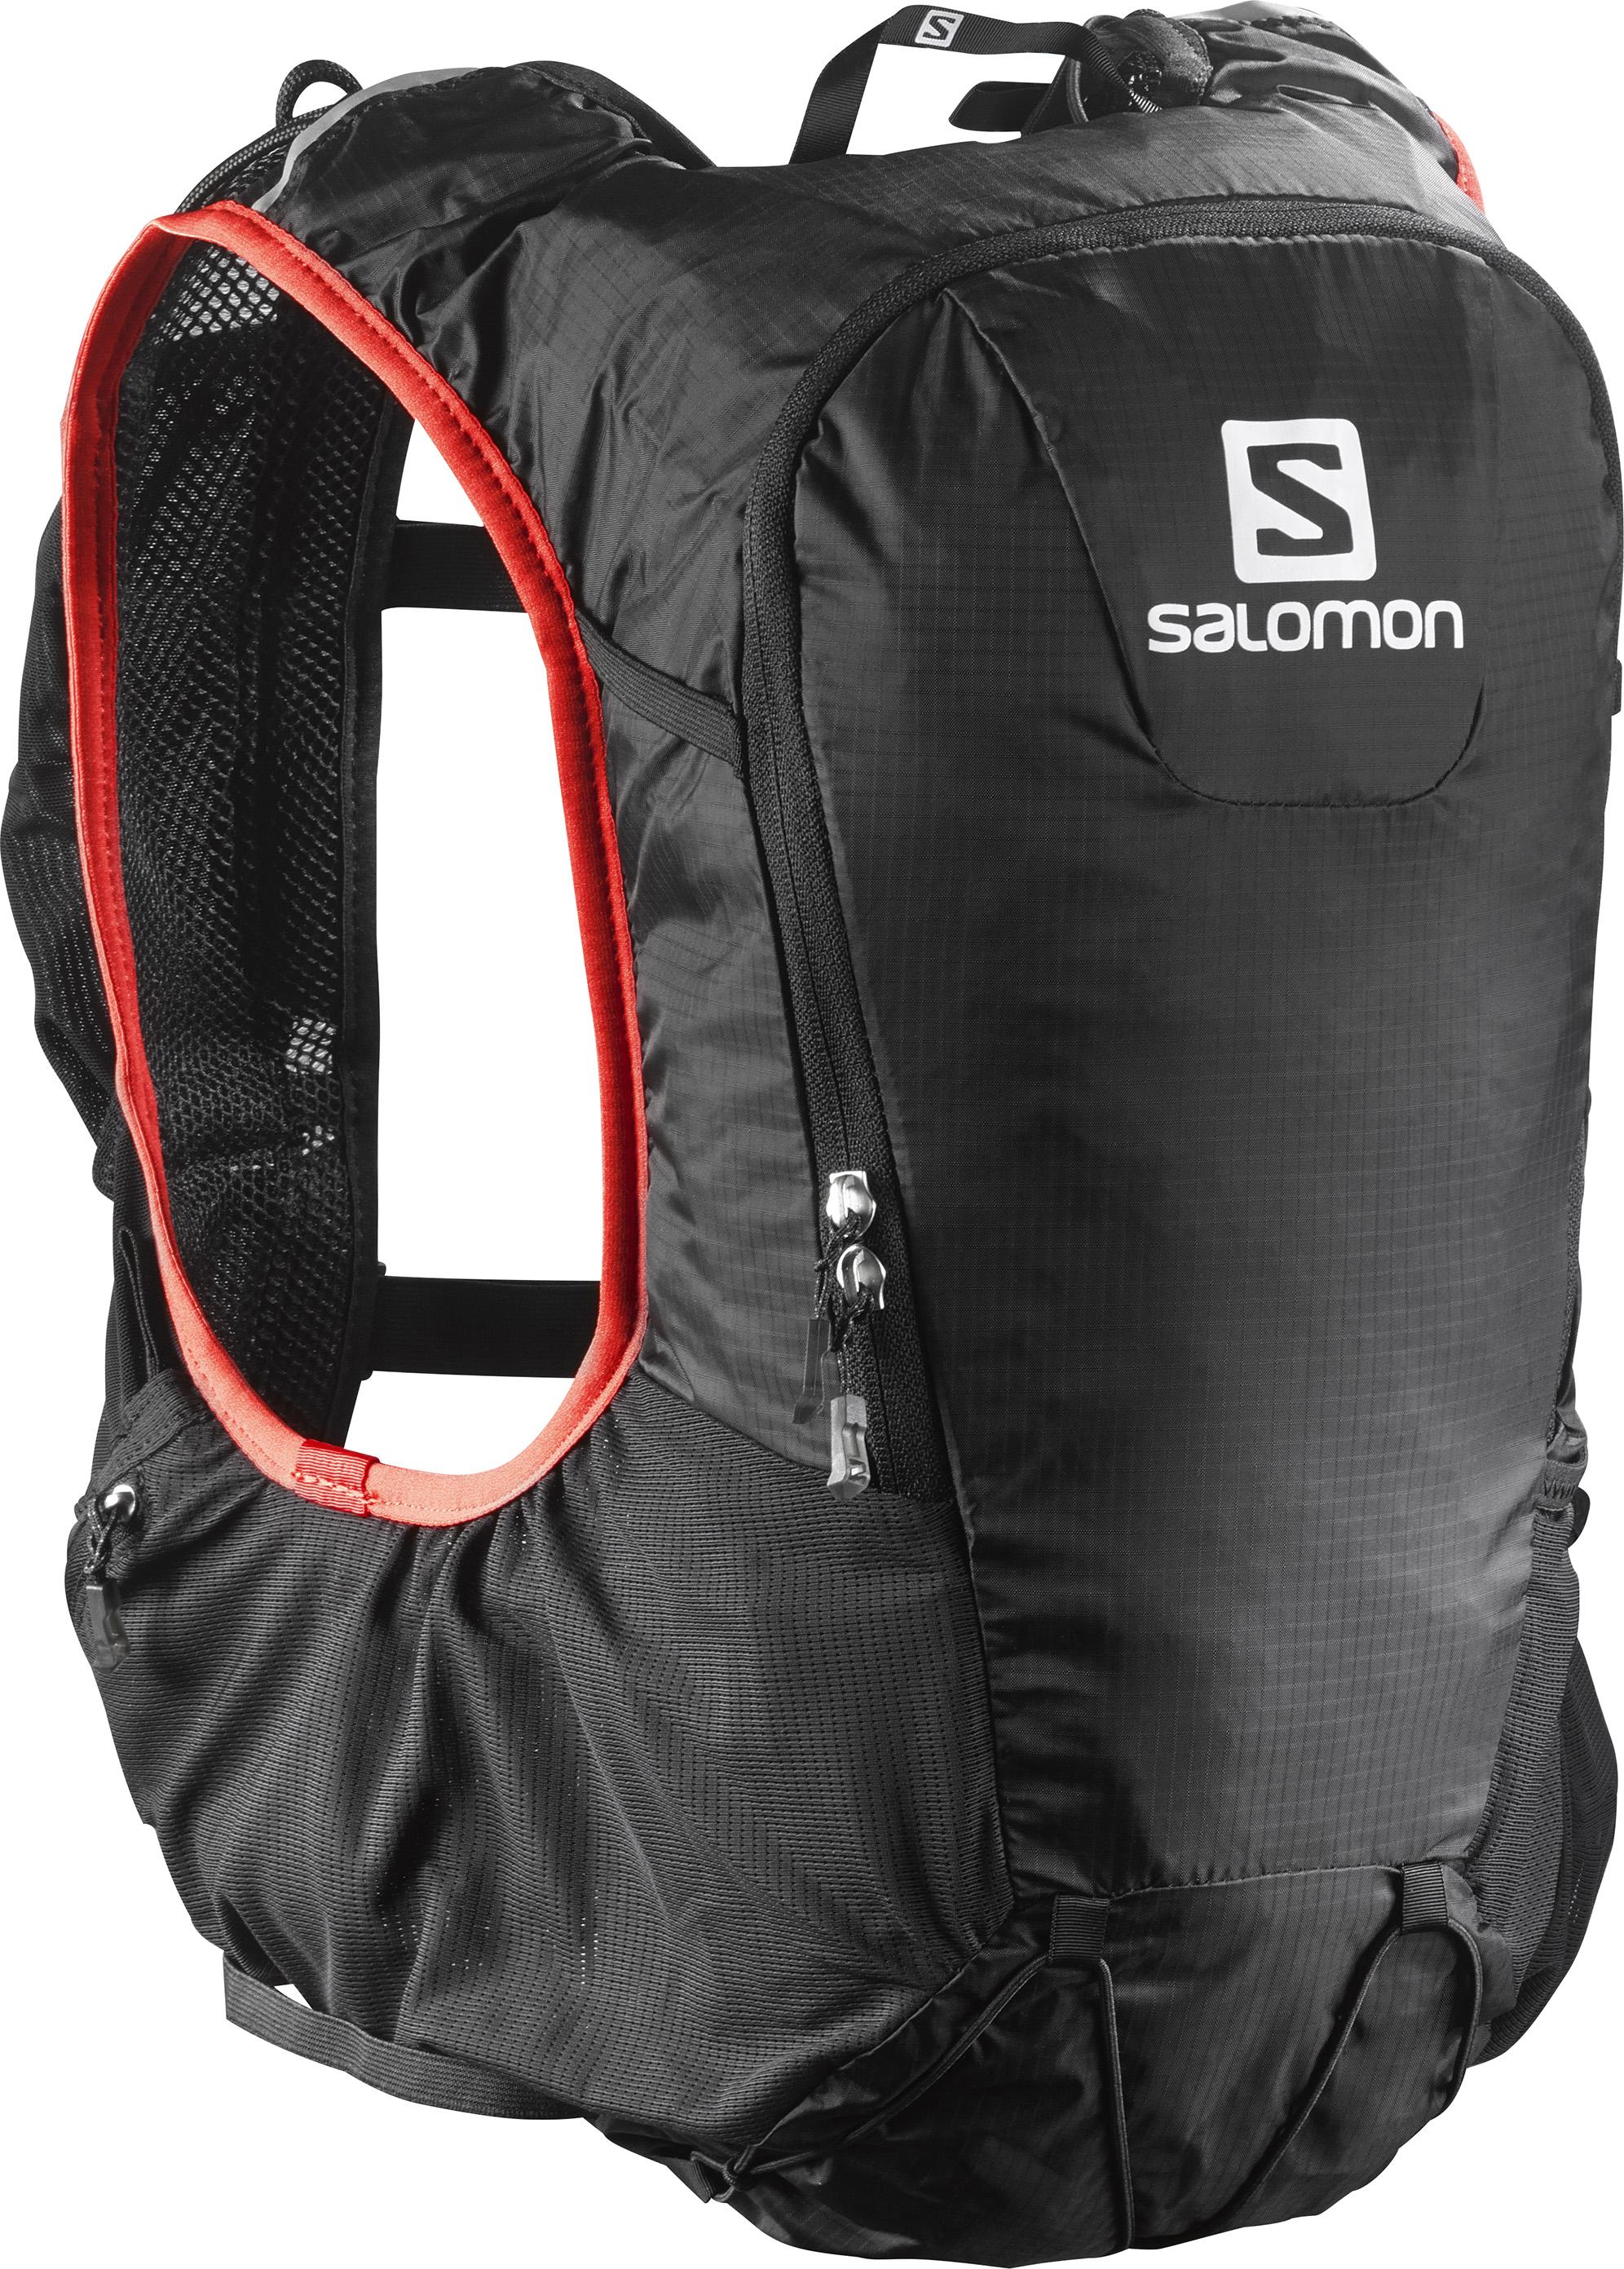 Salomon Skin Pro 10 Set 379968 černá